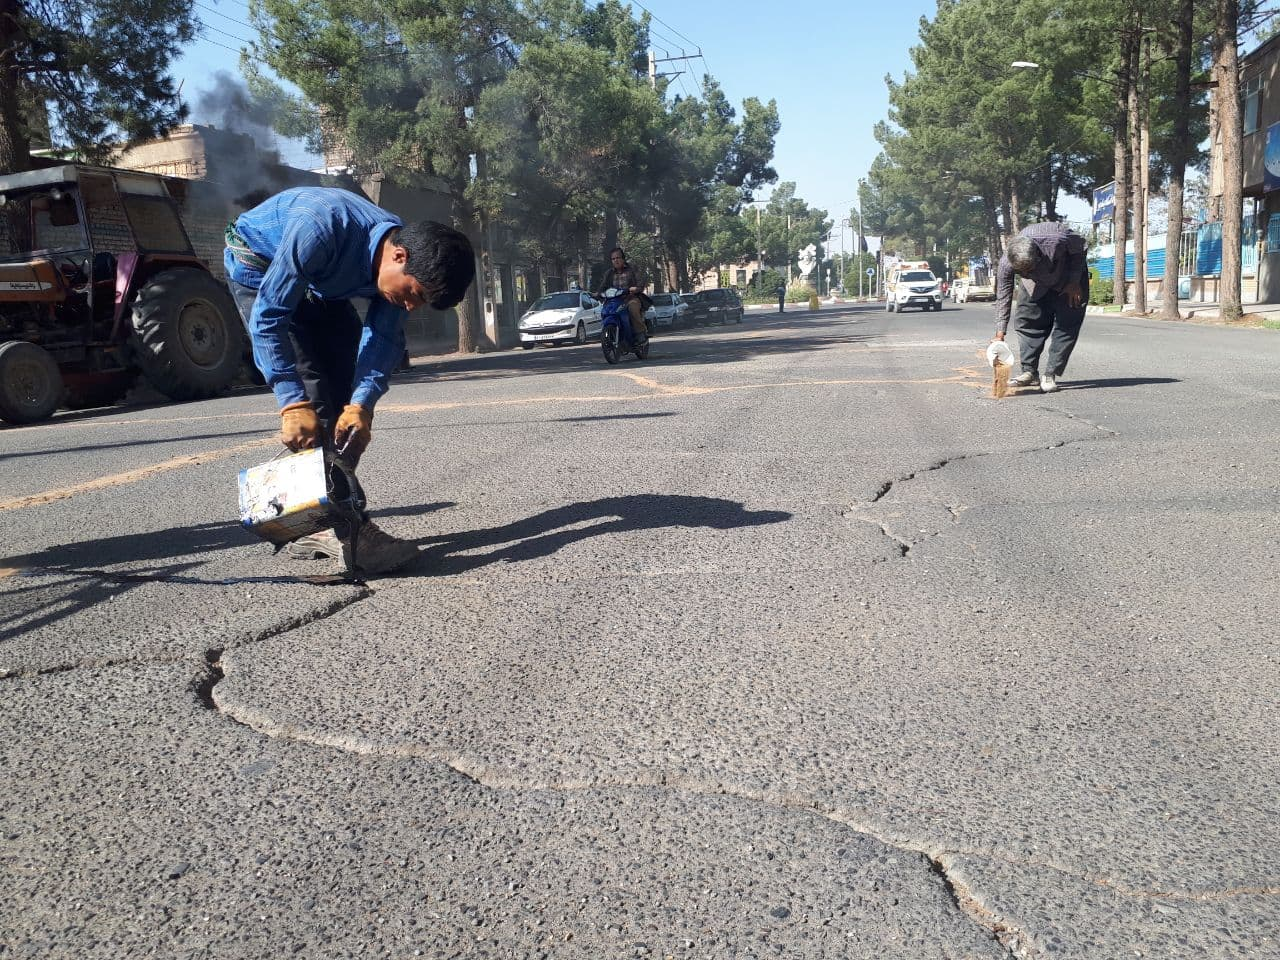 اجرای عملیات مرمت و درزگیری آسفالت خیابانهای اصلی شهر فیض آباد